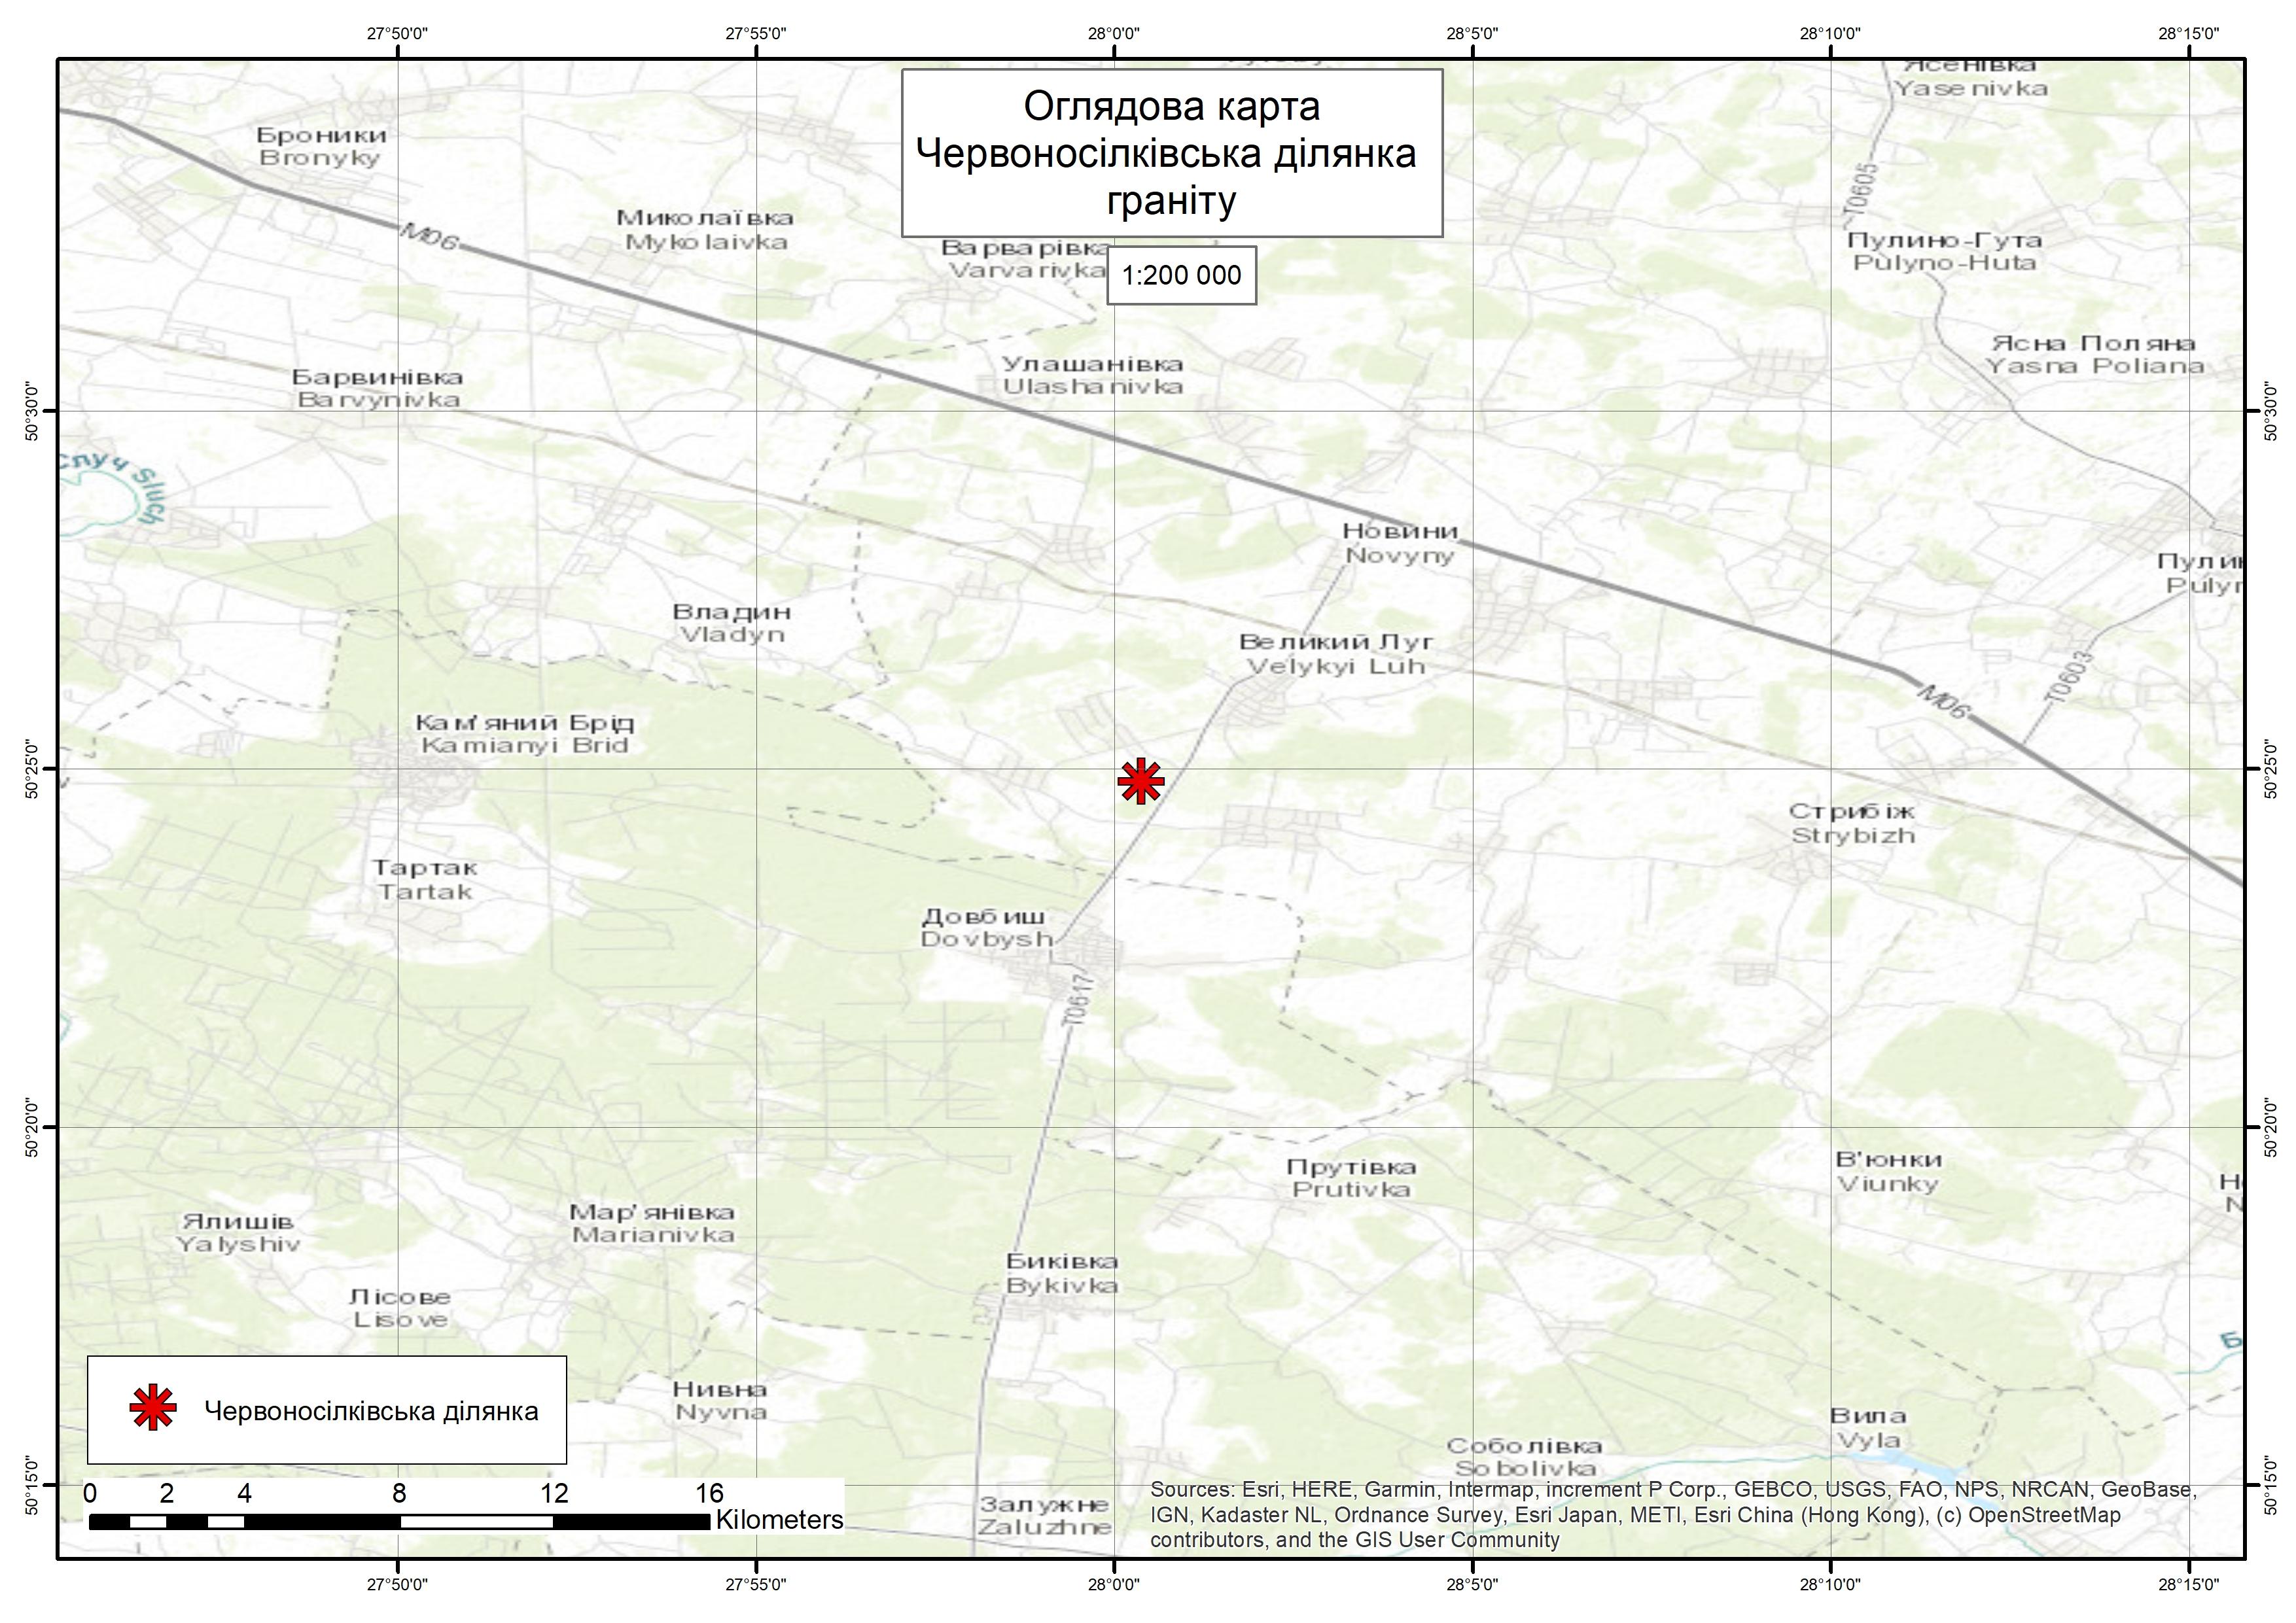 Спеціальний дозвіл на користування надрами – Червоносілківська ділянка. Вартість геологічної інформації – 85 016,04 грн (з ПДВ). Вартість пакету аукціонної документації – 4 500 грн (з ПДВ).